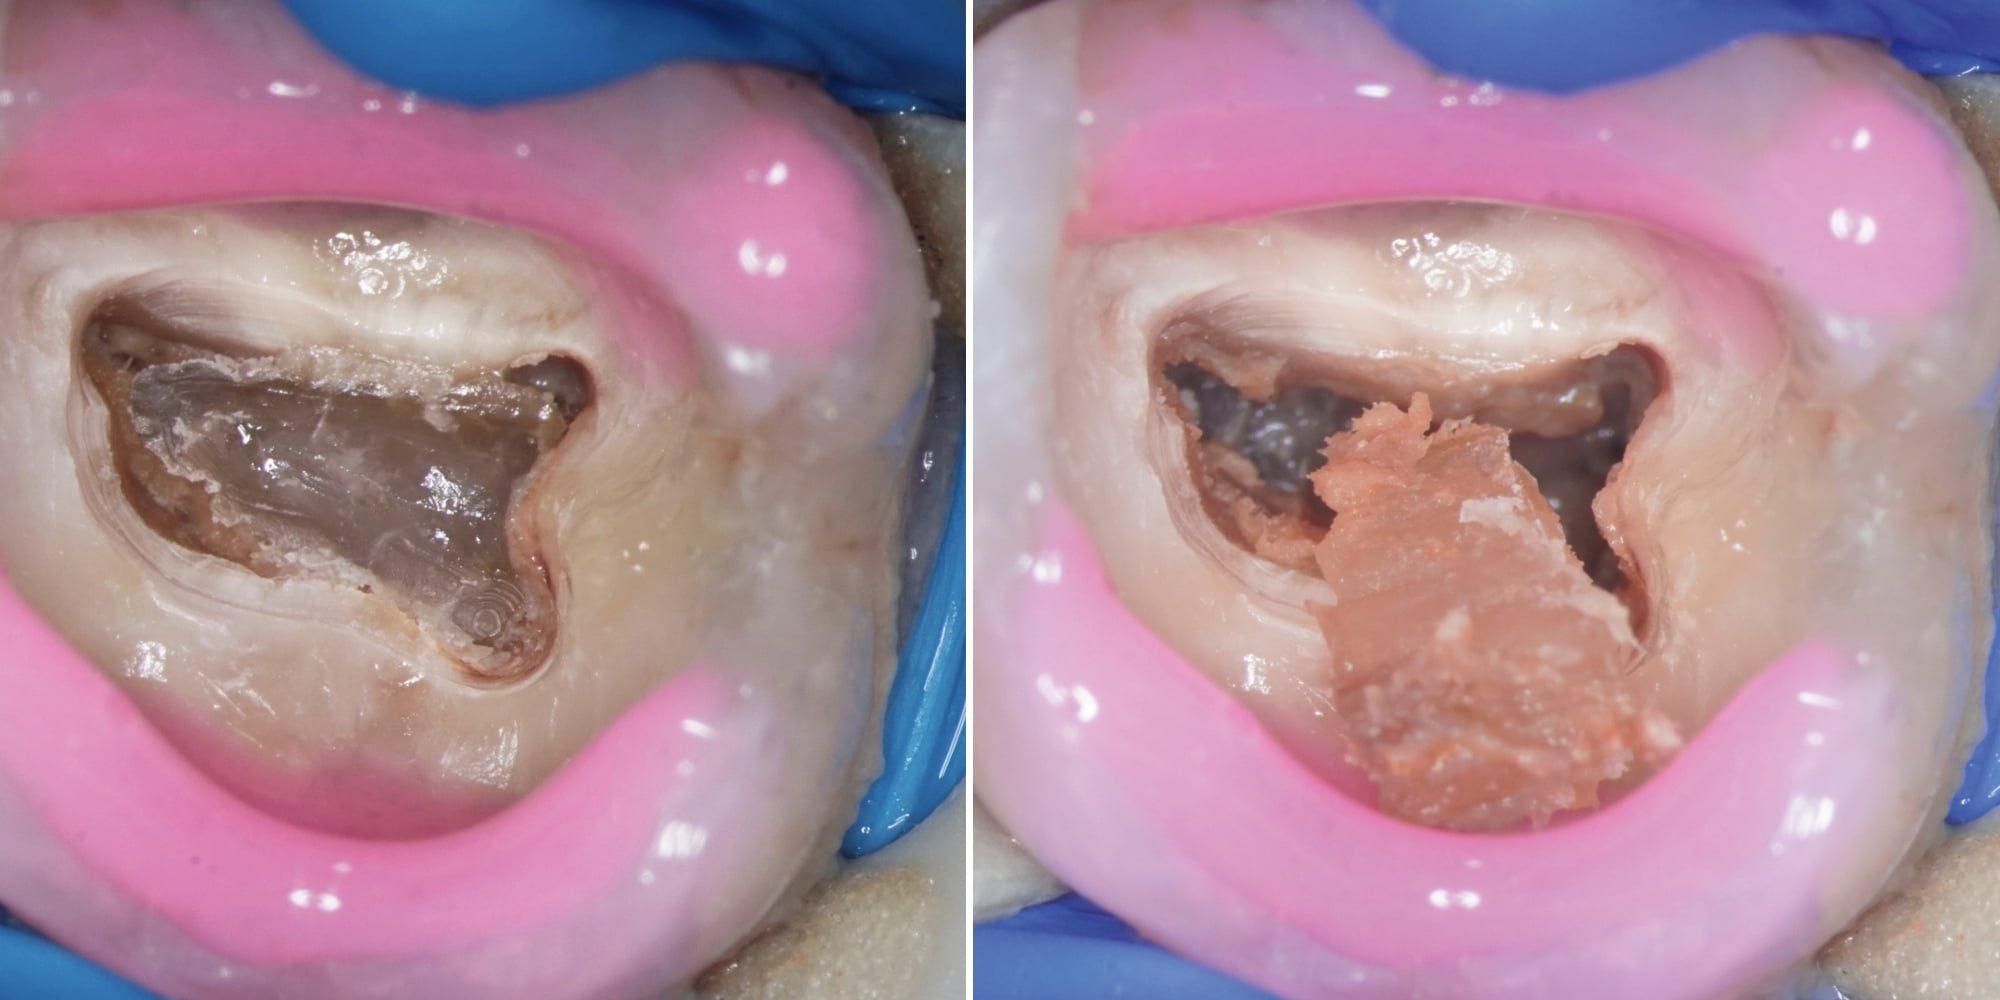 Przypadek 3 | Ryc. 15. Widok po otwarciu komory. Zębiniak został usunięty.